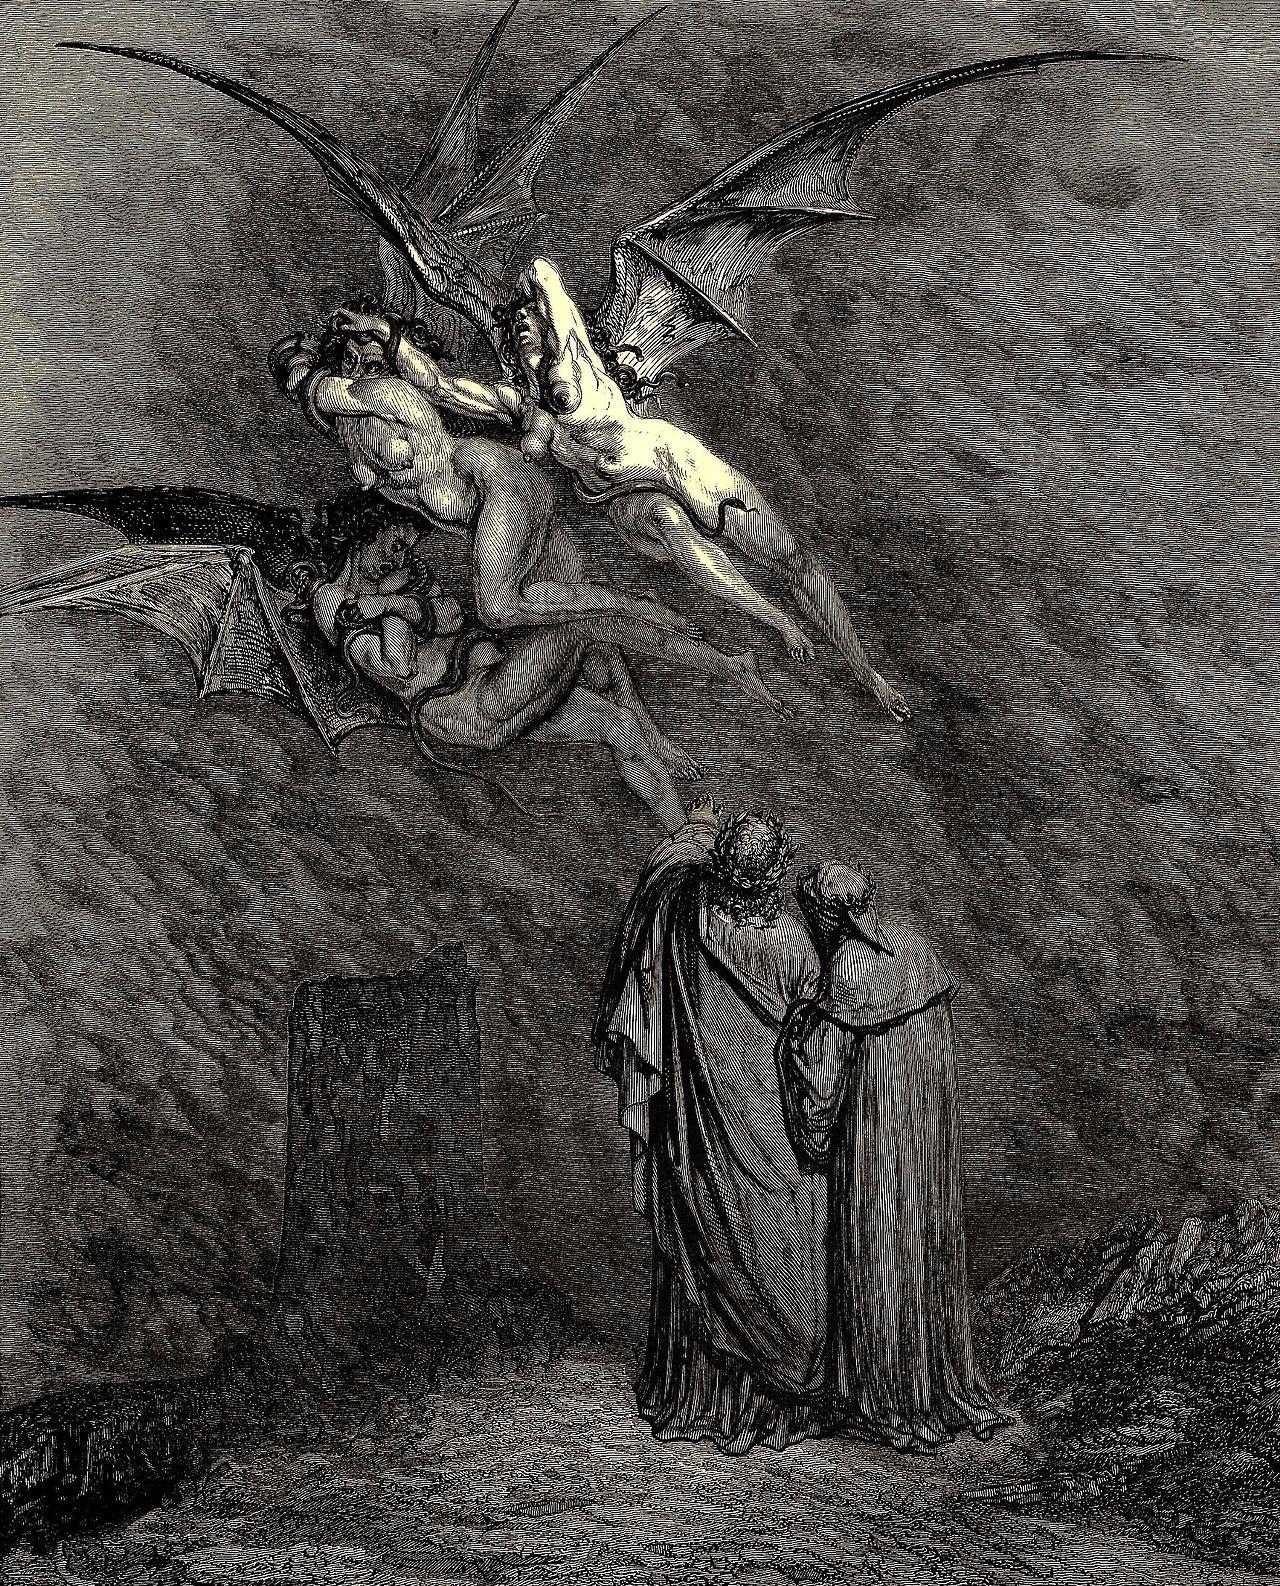 Gustav Doré, Dante illustration